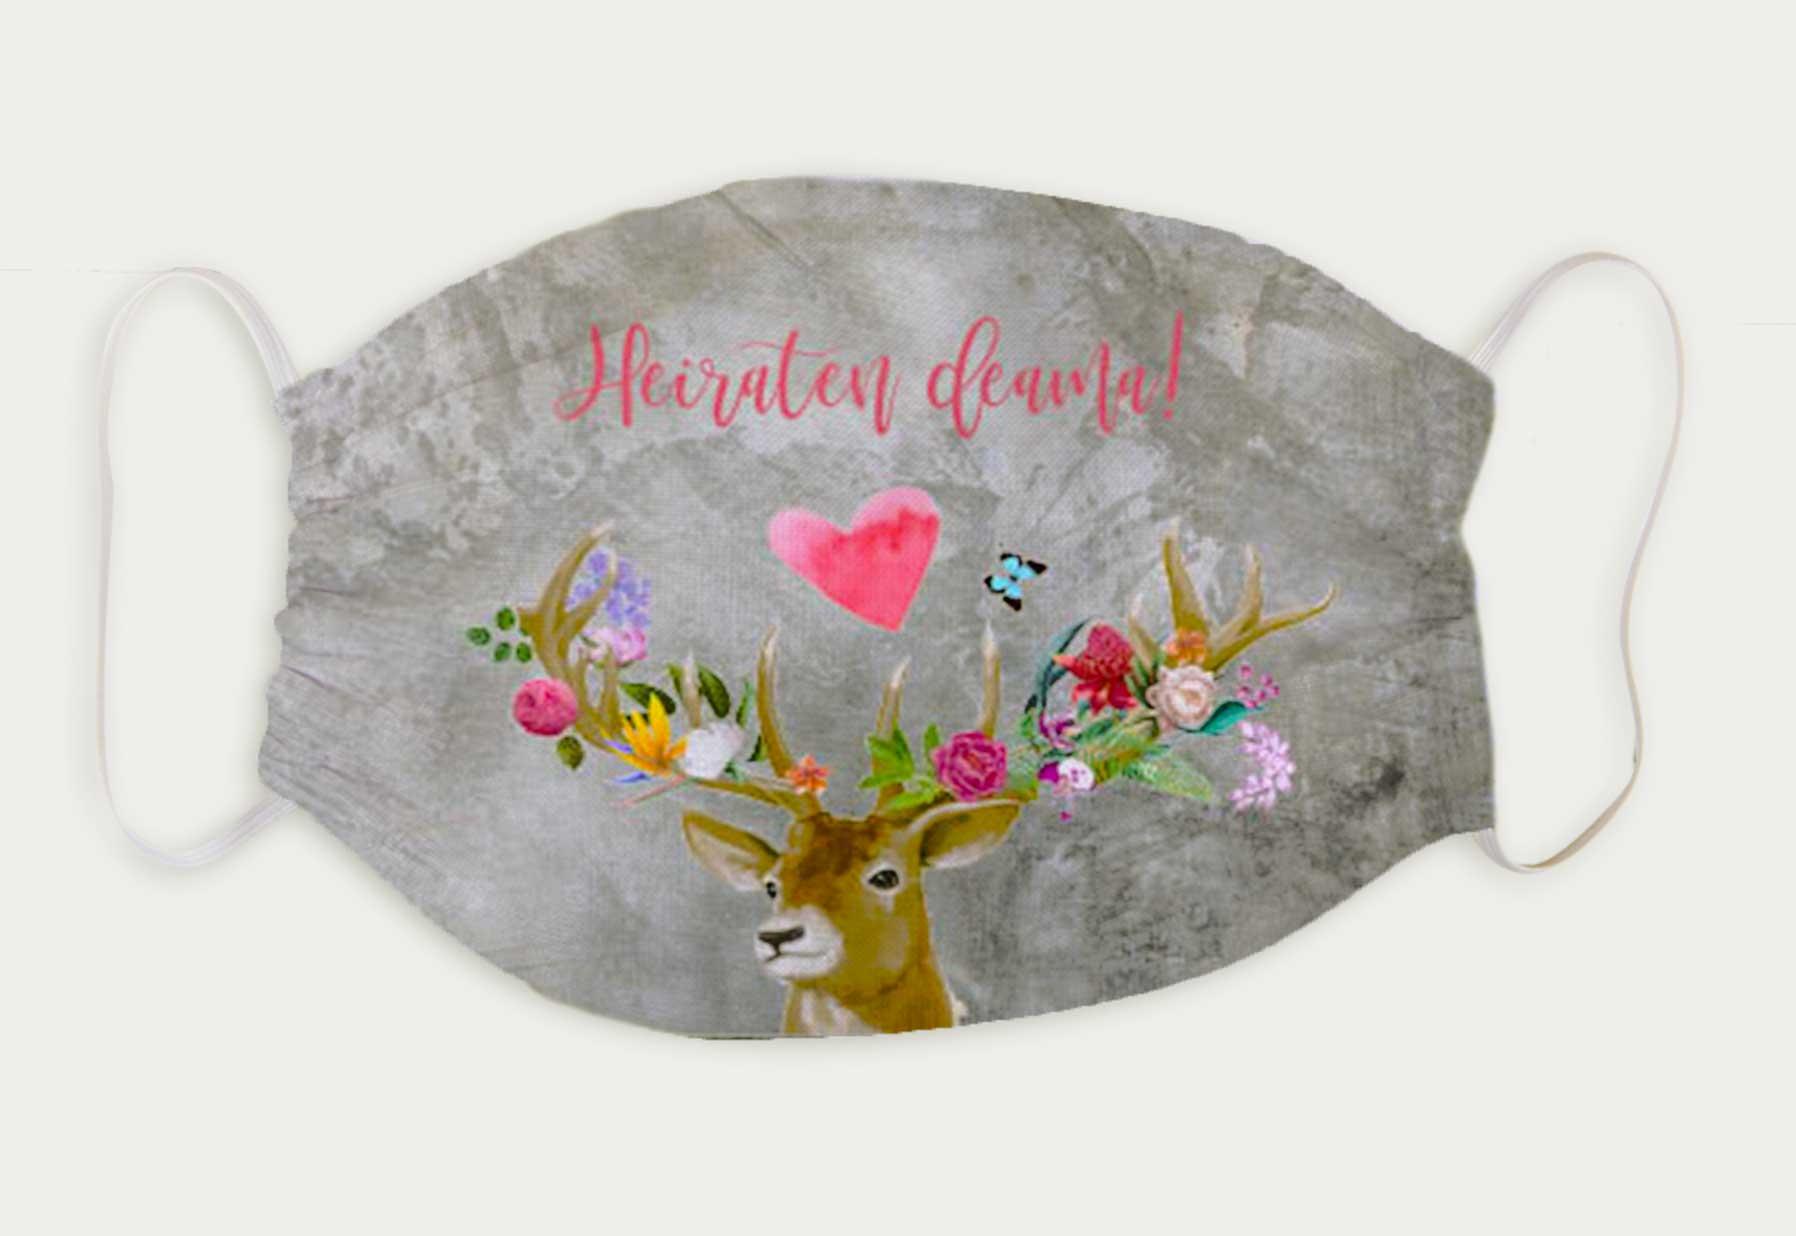 kartlerei bayrische masken mundschutz hochzeit flower power hirsch - Bayrische Masken